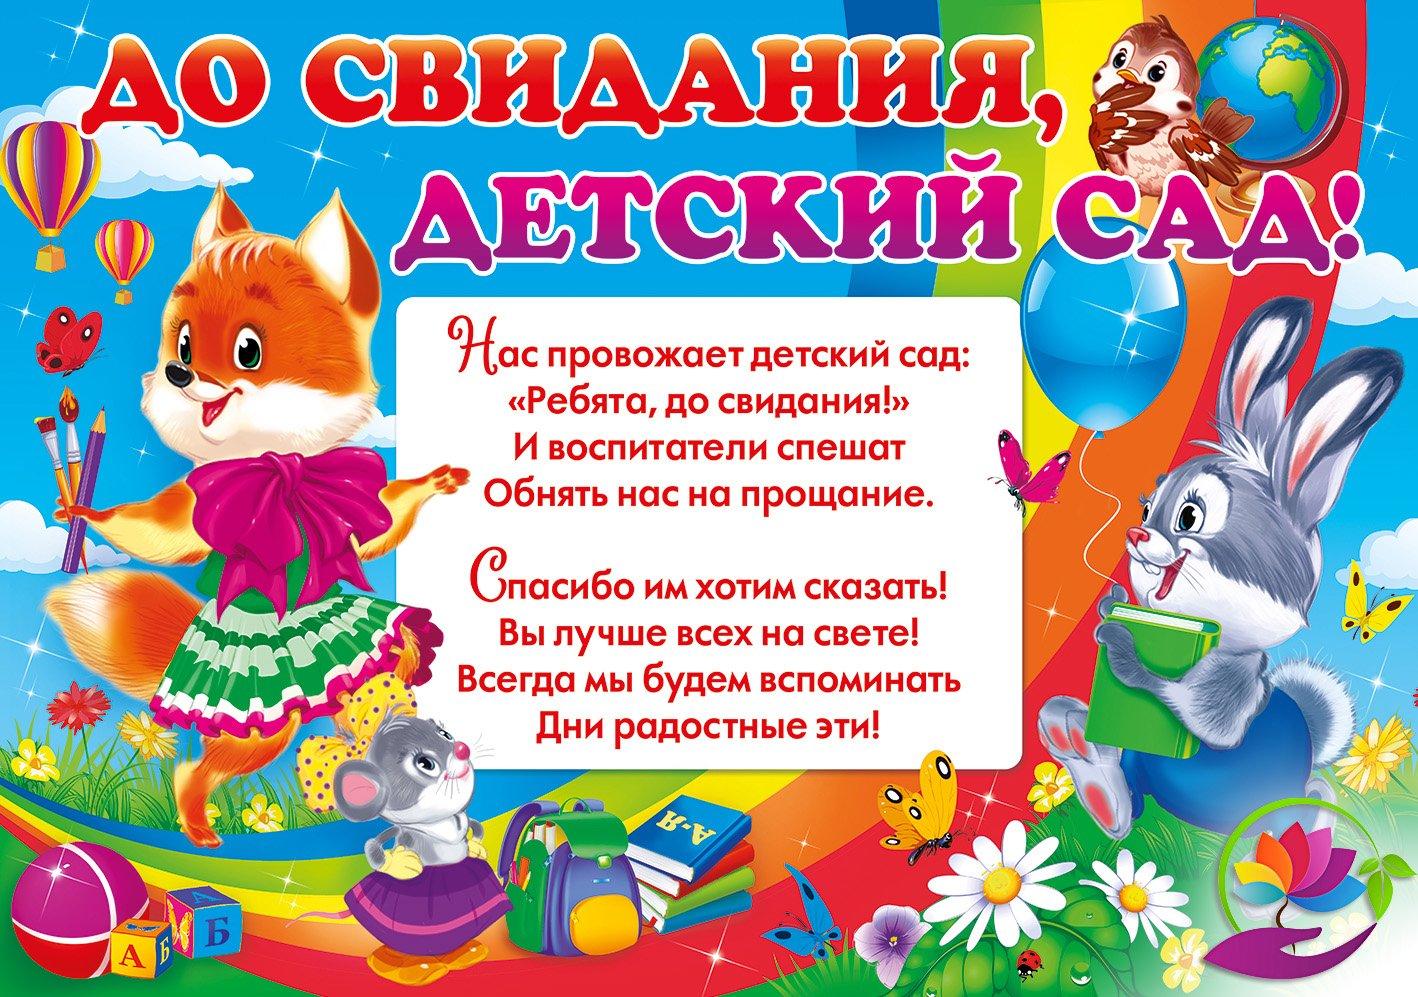 Открытки для детского сада